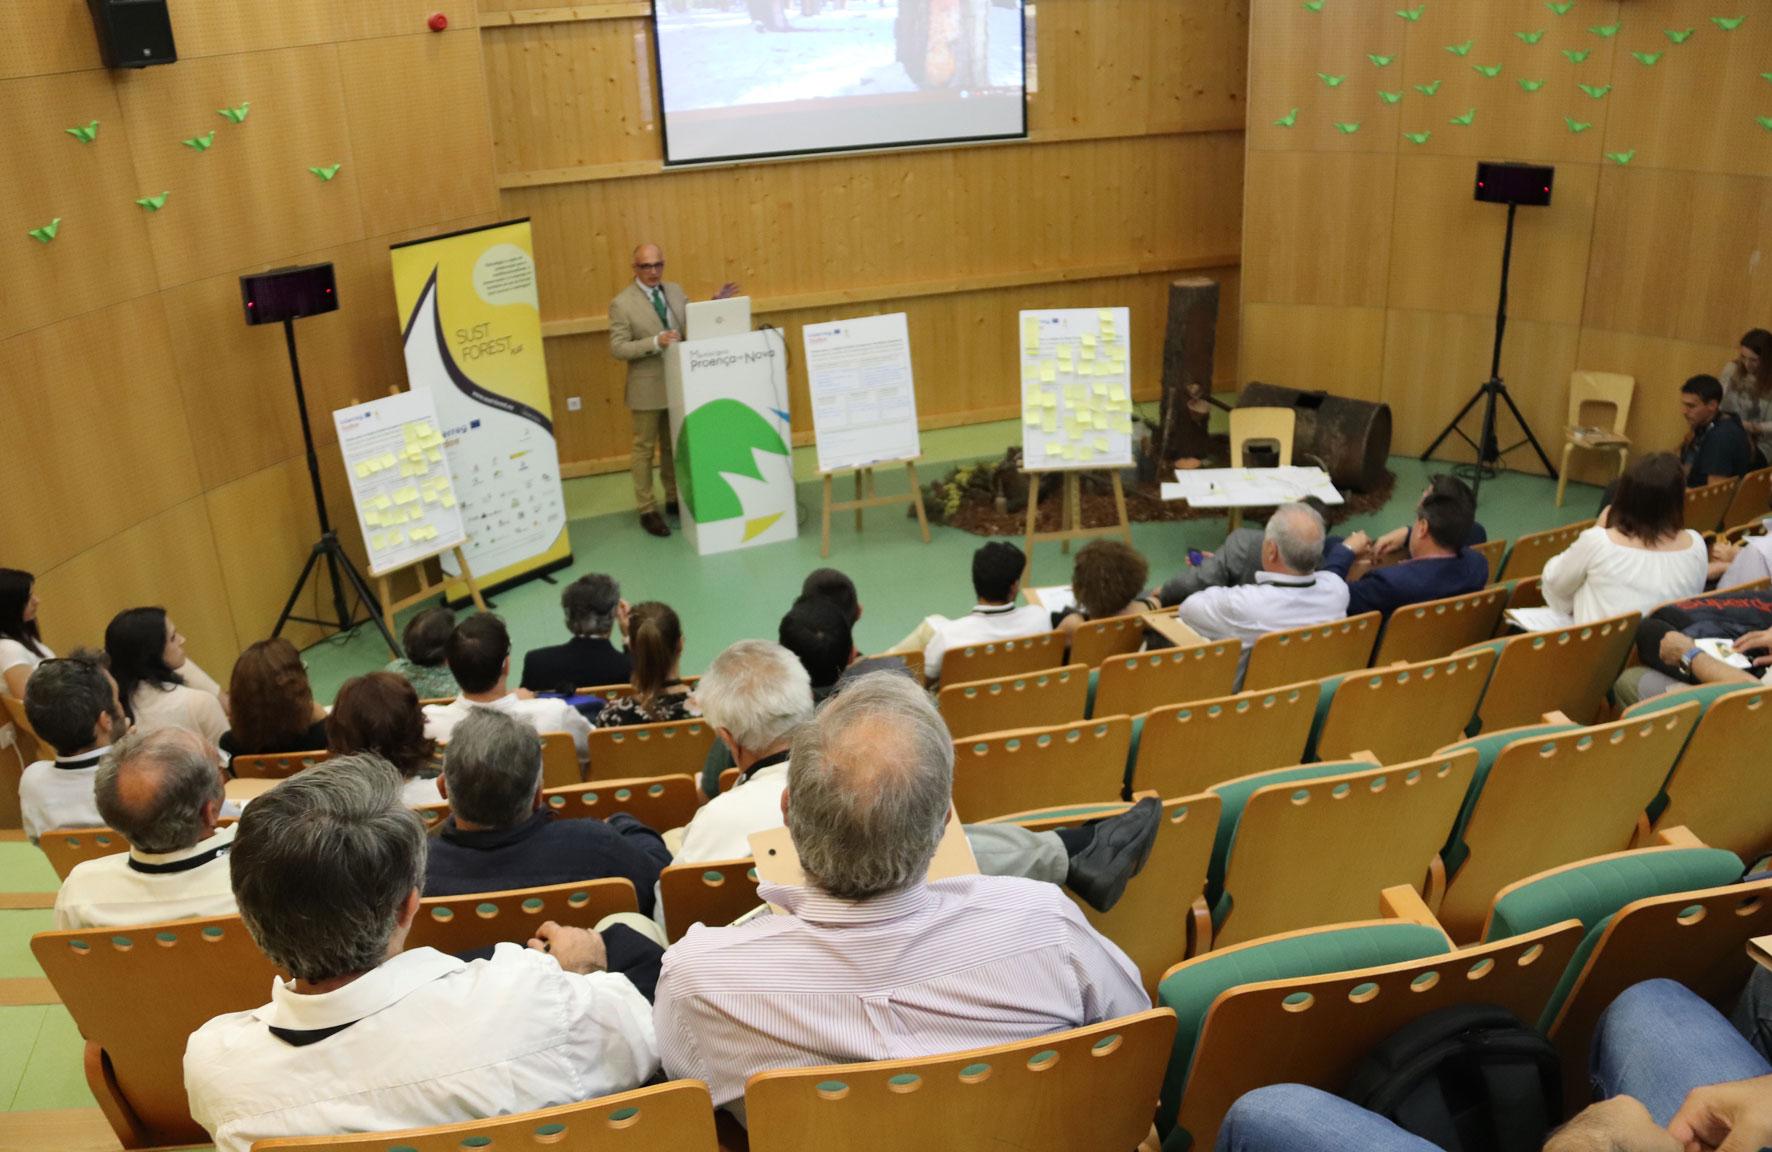 Sesión de trabajo_Jornadas Internacionales Montes con Futuro_30052019